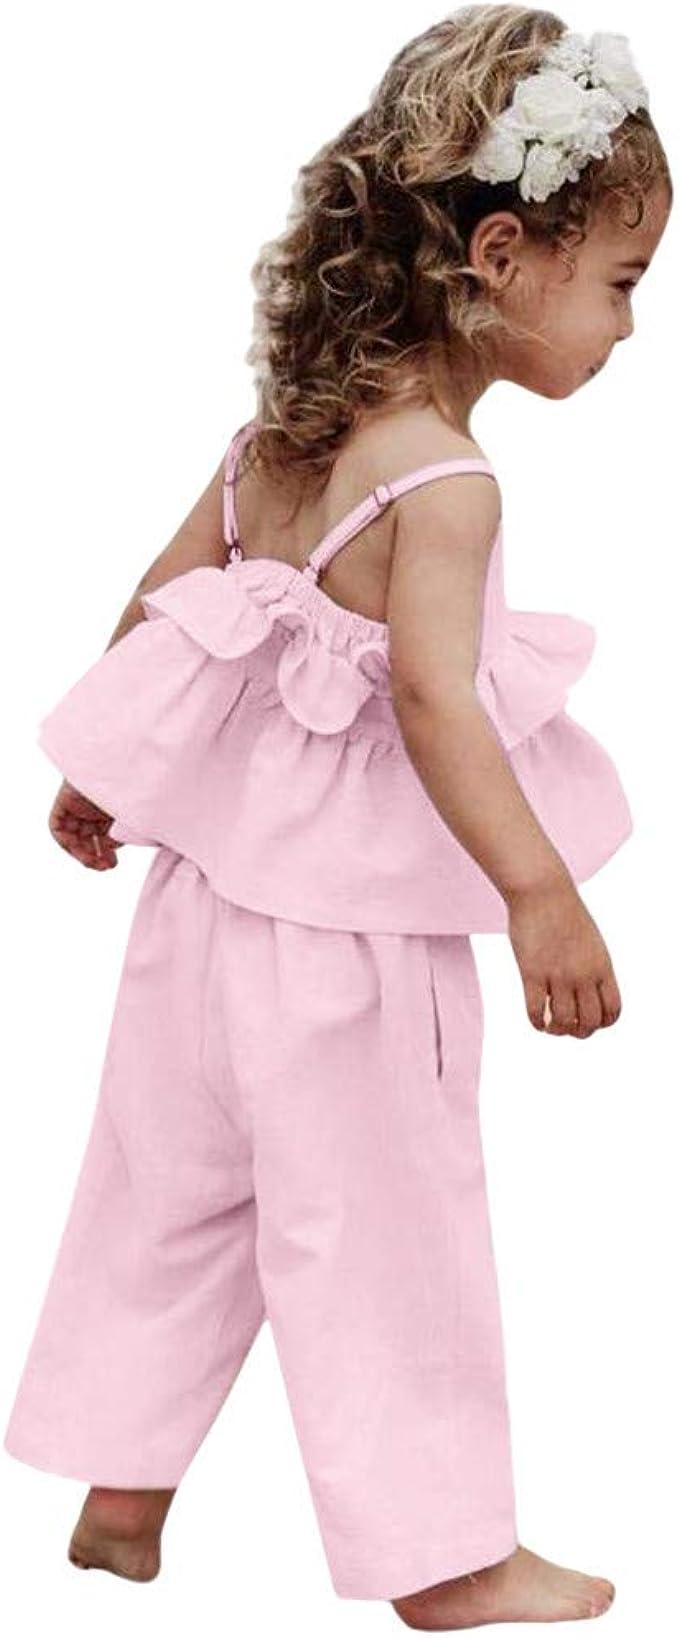 Abbigliamento Bambina Estate 18 Mesi Abbigliamento Vestiti Bambino 18 24 Mesi Bambina Maglietta E Pantaloni Ragazze Top A Strisce di Colore Solido A Maniche Corte per Bambini Pantaloncini Set